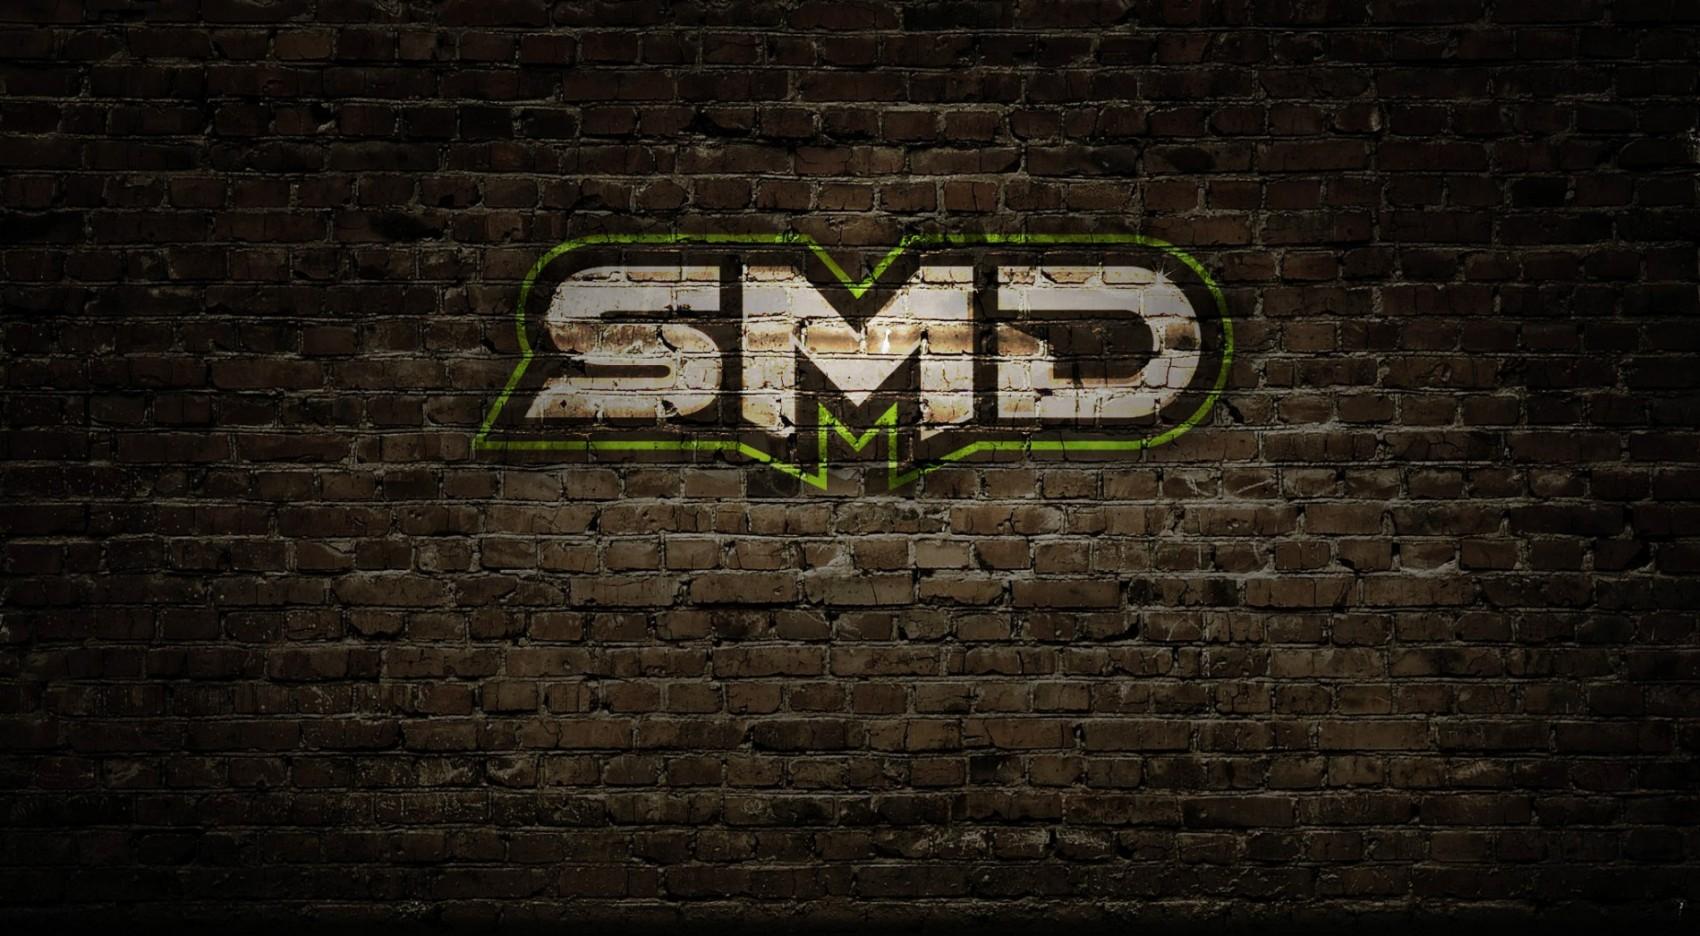 SMD_Brick_Wall_v2-e1426128833799